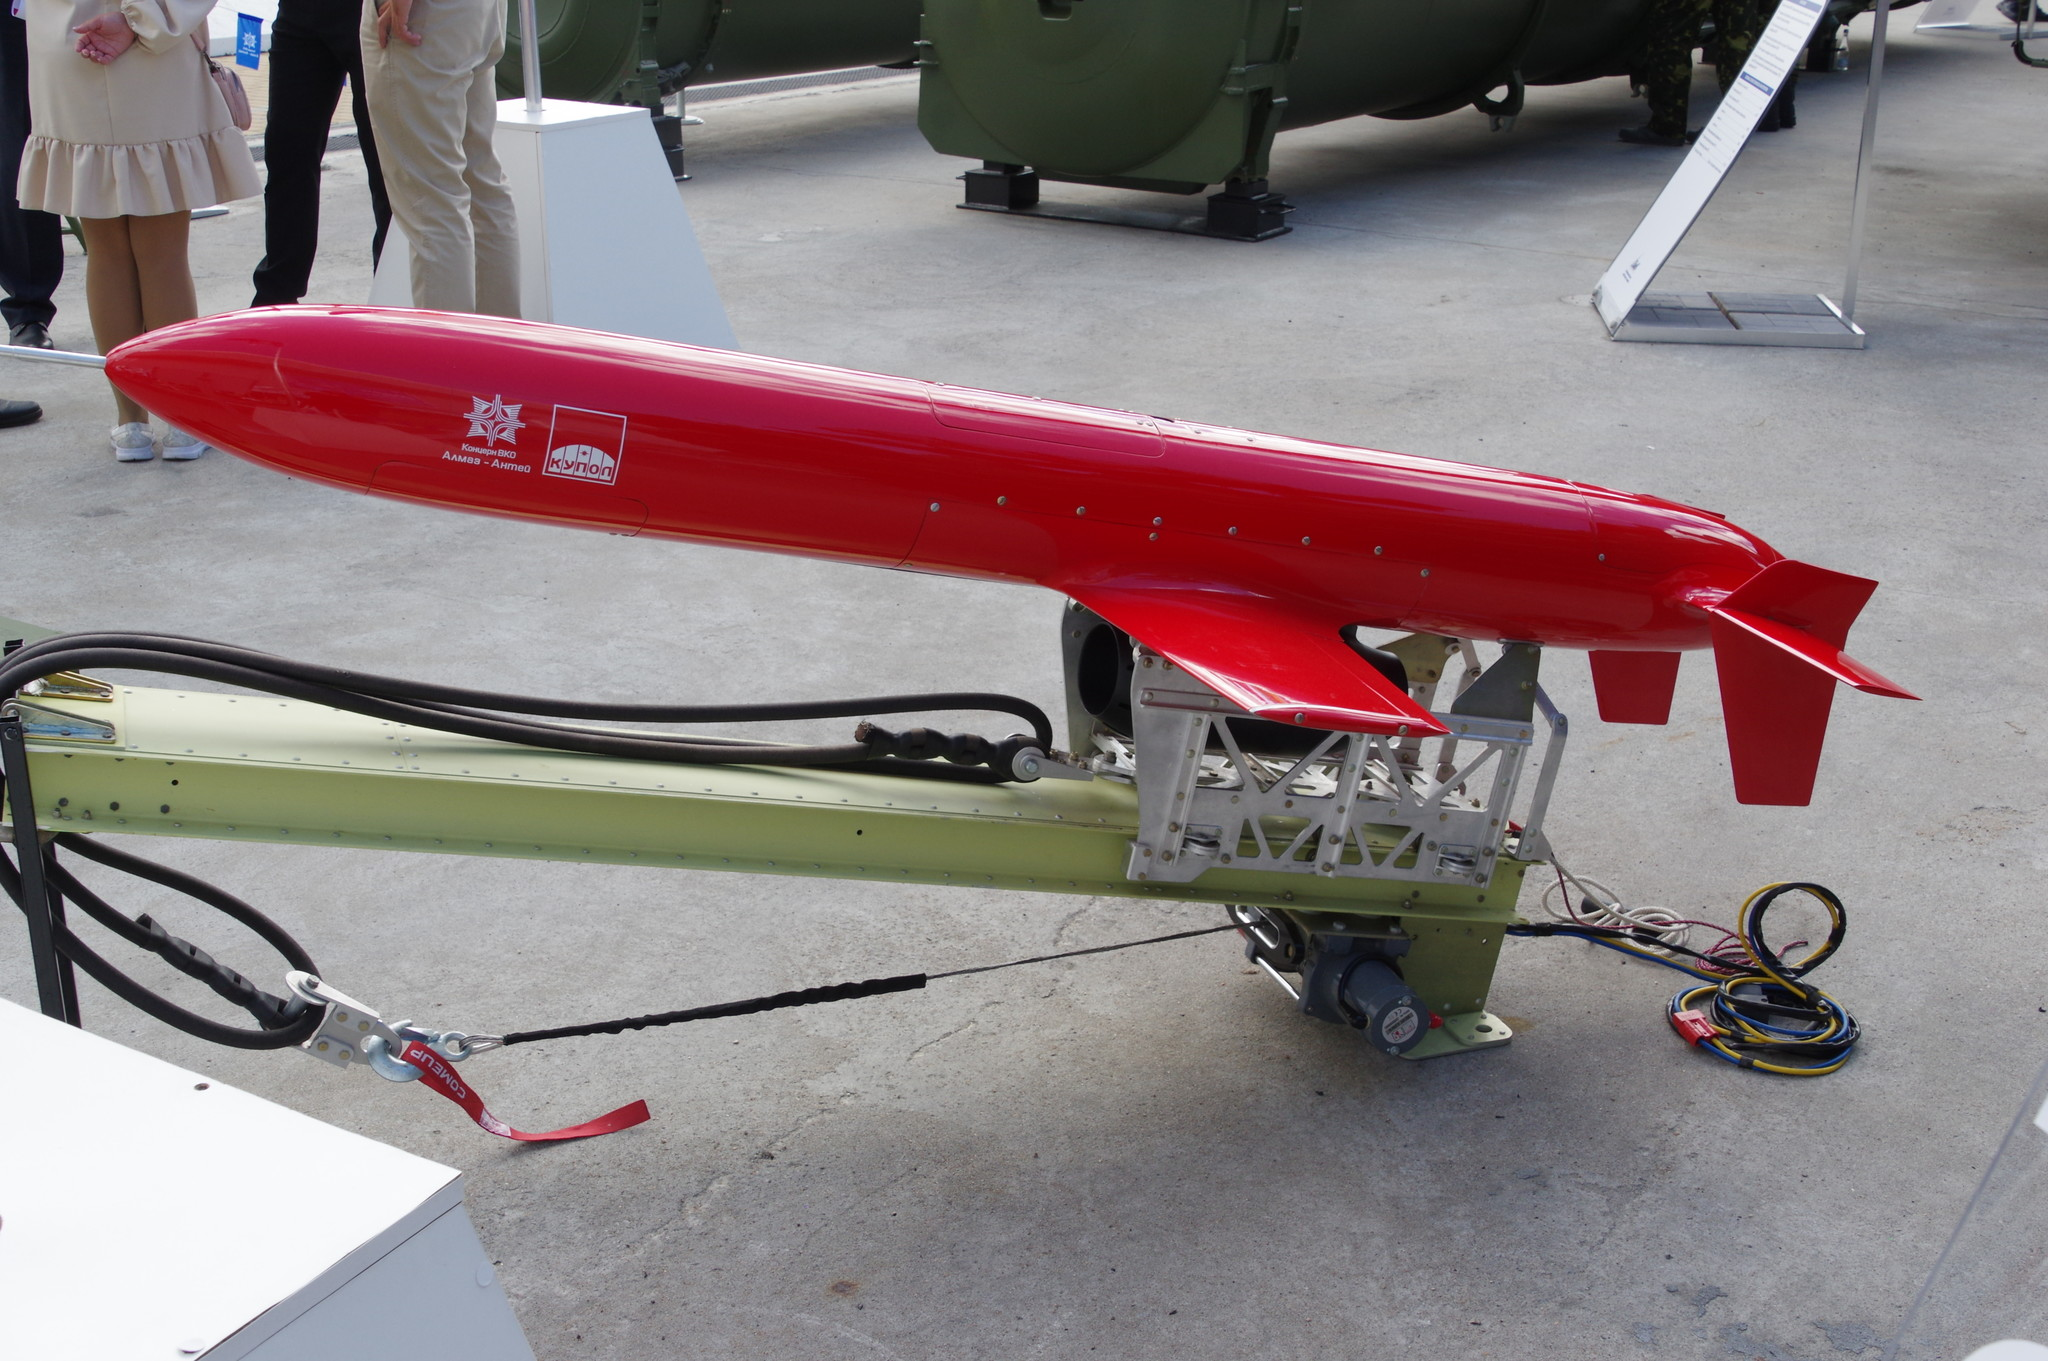 Мишень воздушная ракетного типа с турбореактивным двигателем (МВ-Р) из состава Универсального мишенно-тренировочного комплекса 9Ф6021Э «Адъютант»